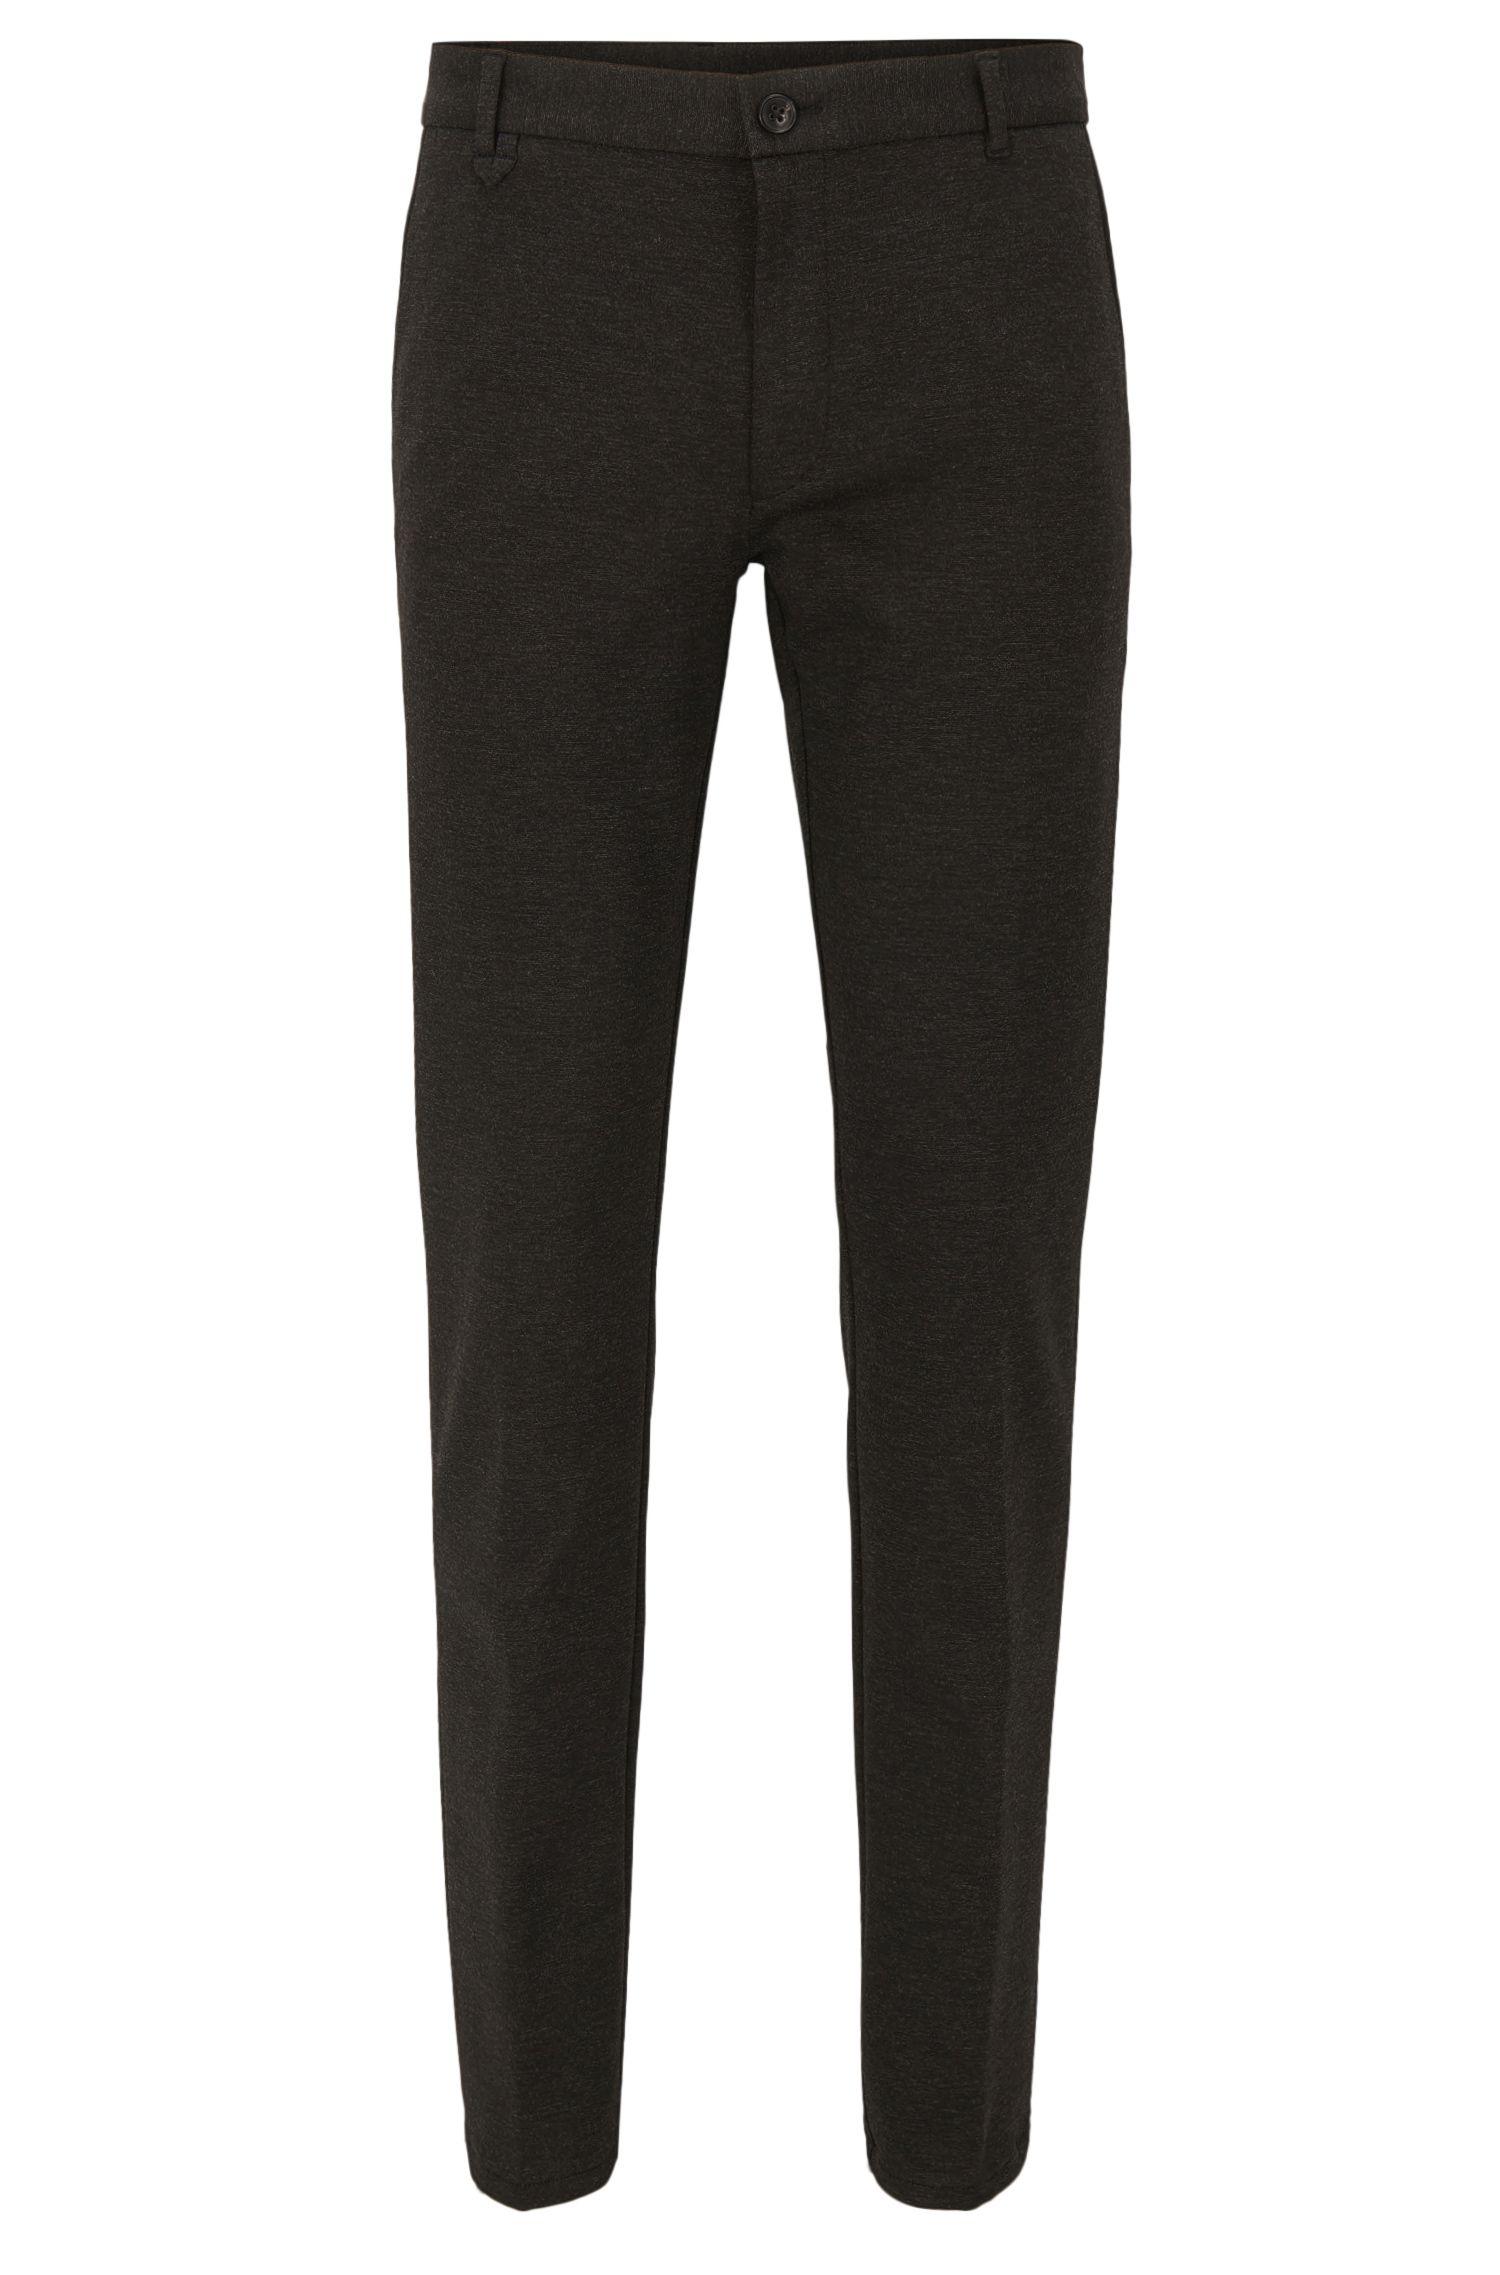 Pantalon Extra Slim Fit en tissu technique mélangé stretch